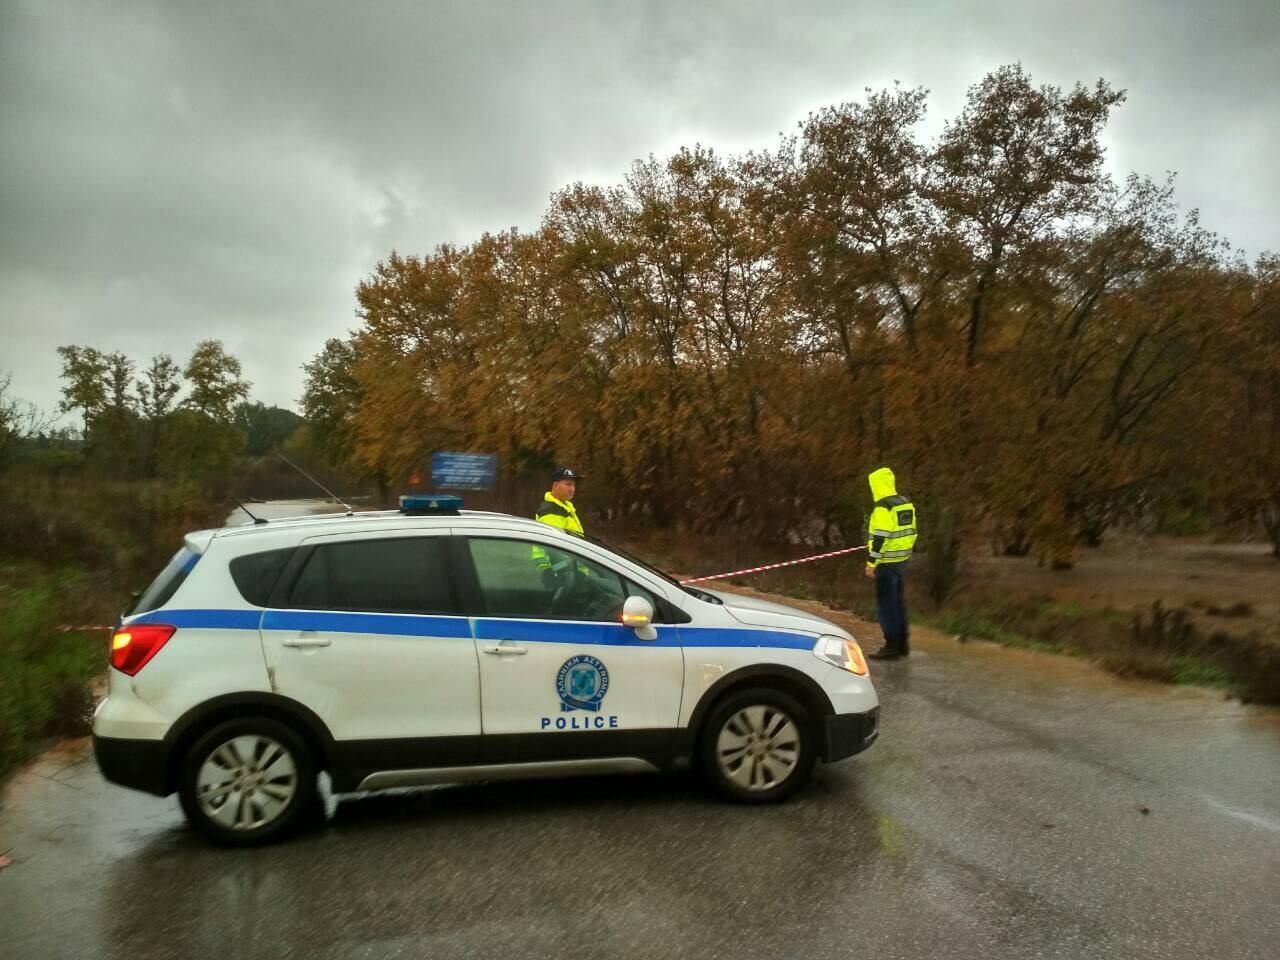 Ανακοίνωση της ΕΛ.ΑΣ για την κατάσταση των δρόμων στη Χαλκιδική